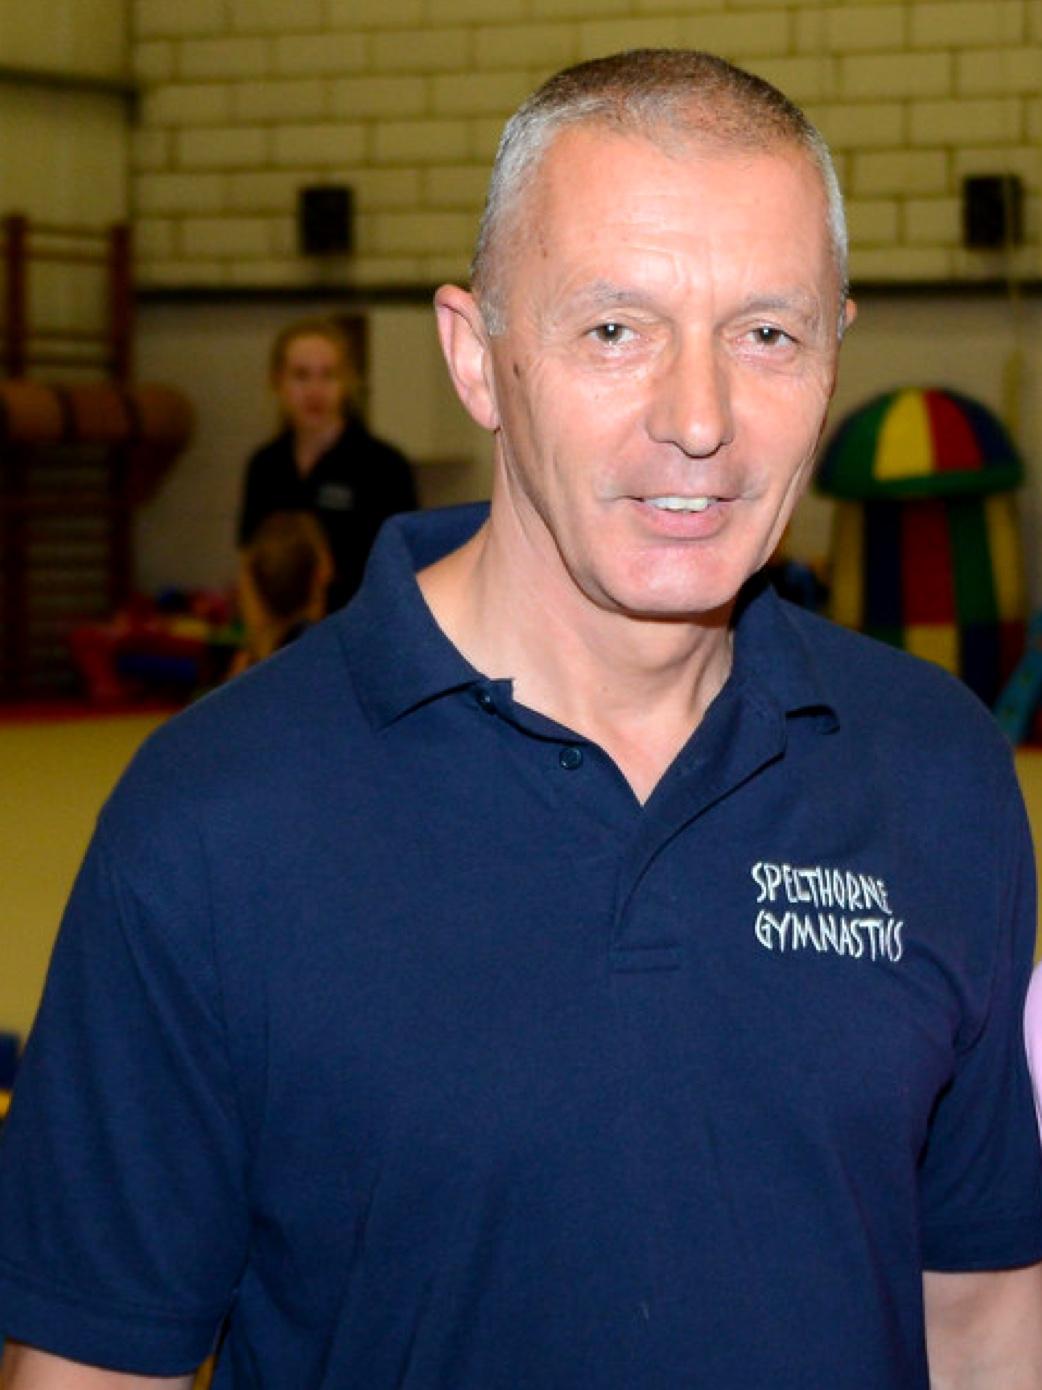 bob cooper gymnastics history acrobatics contributor